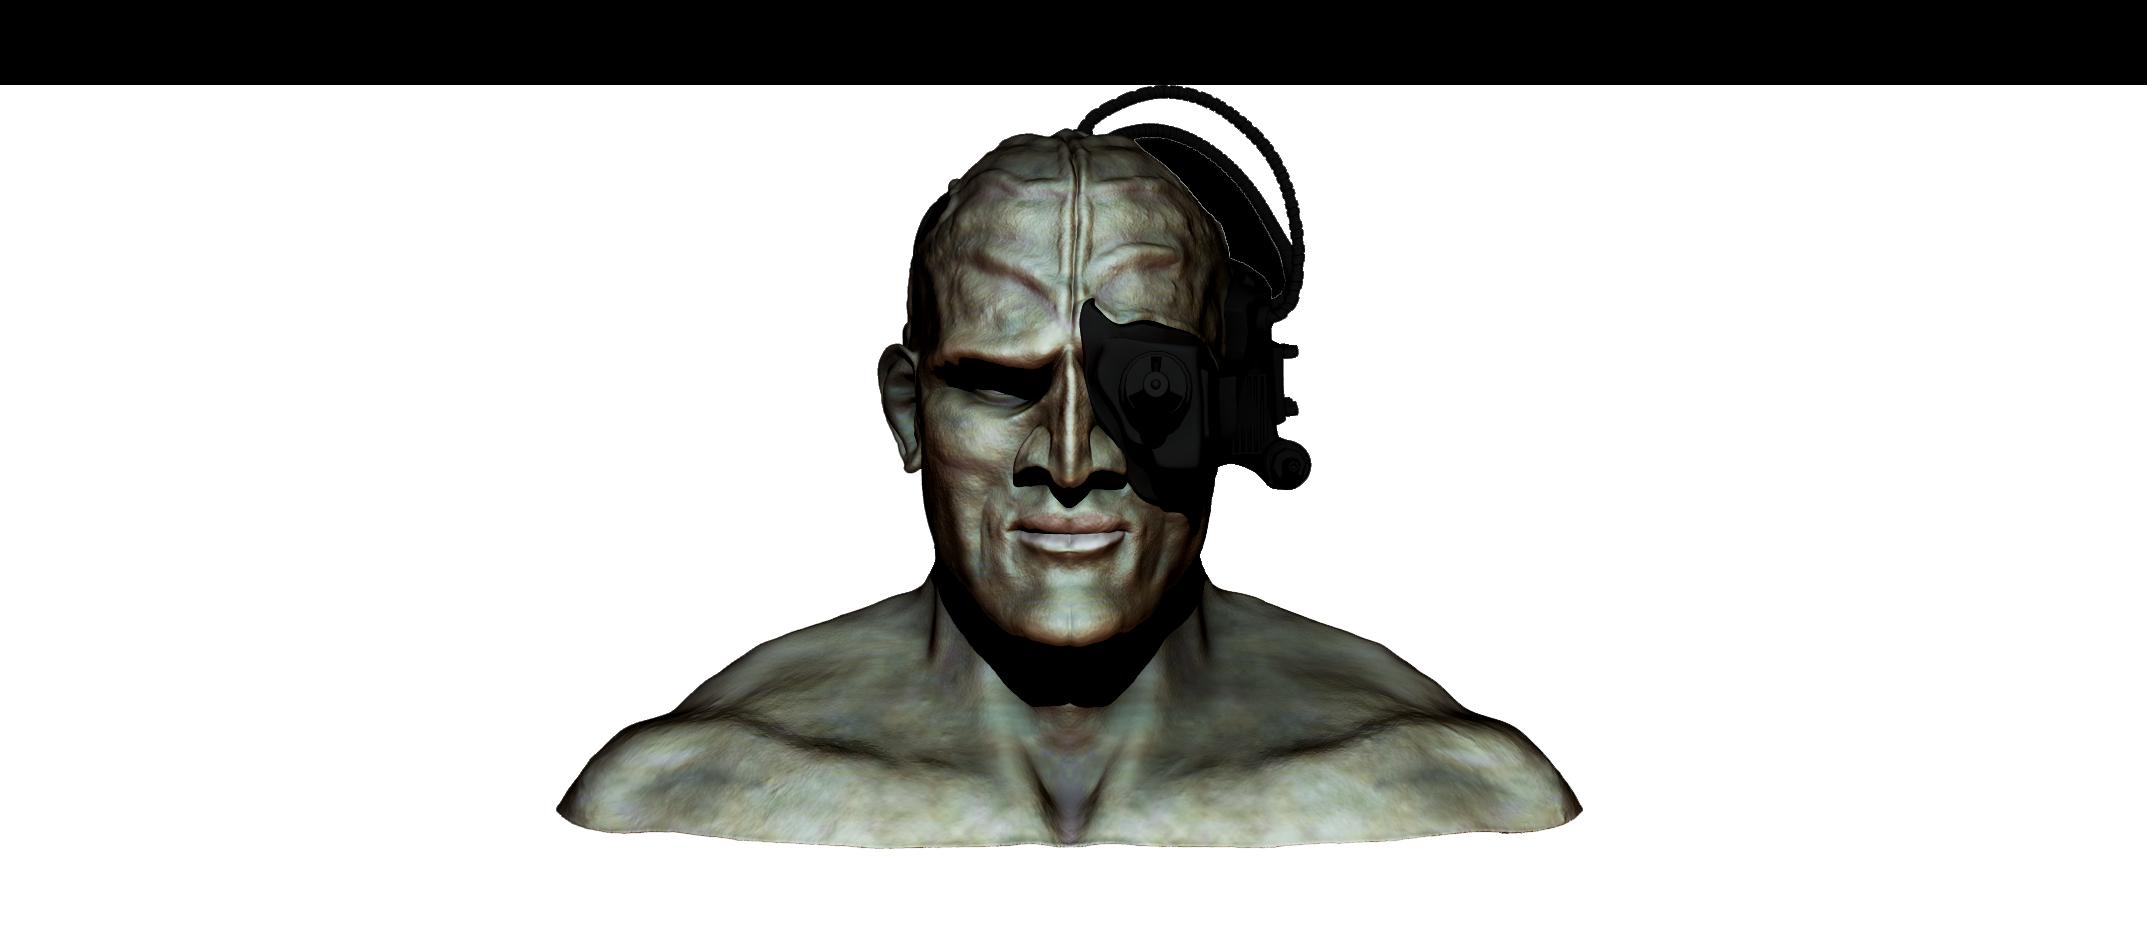 Borg Sculpt